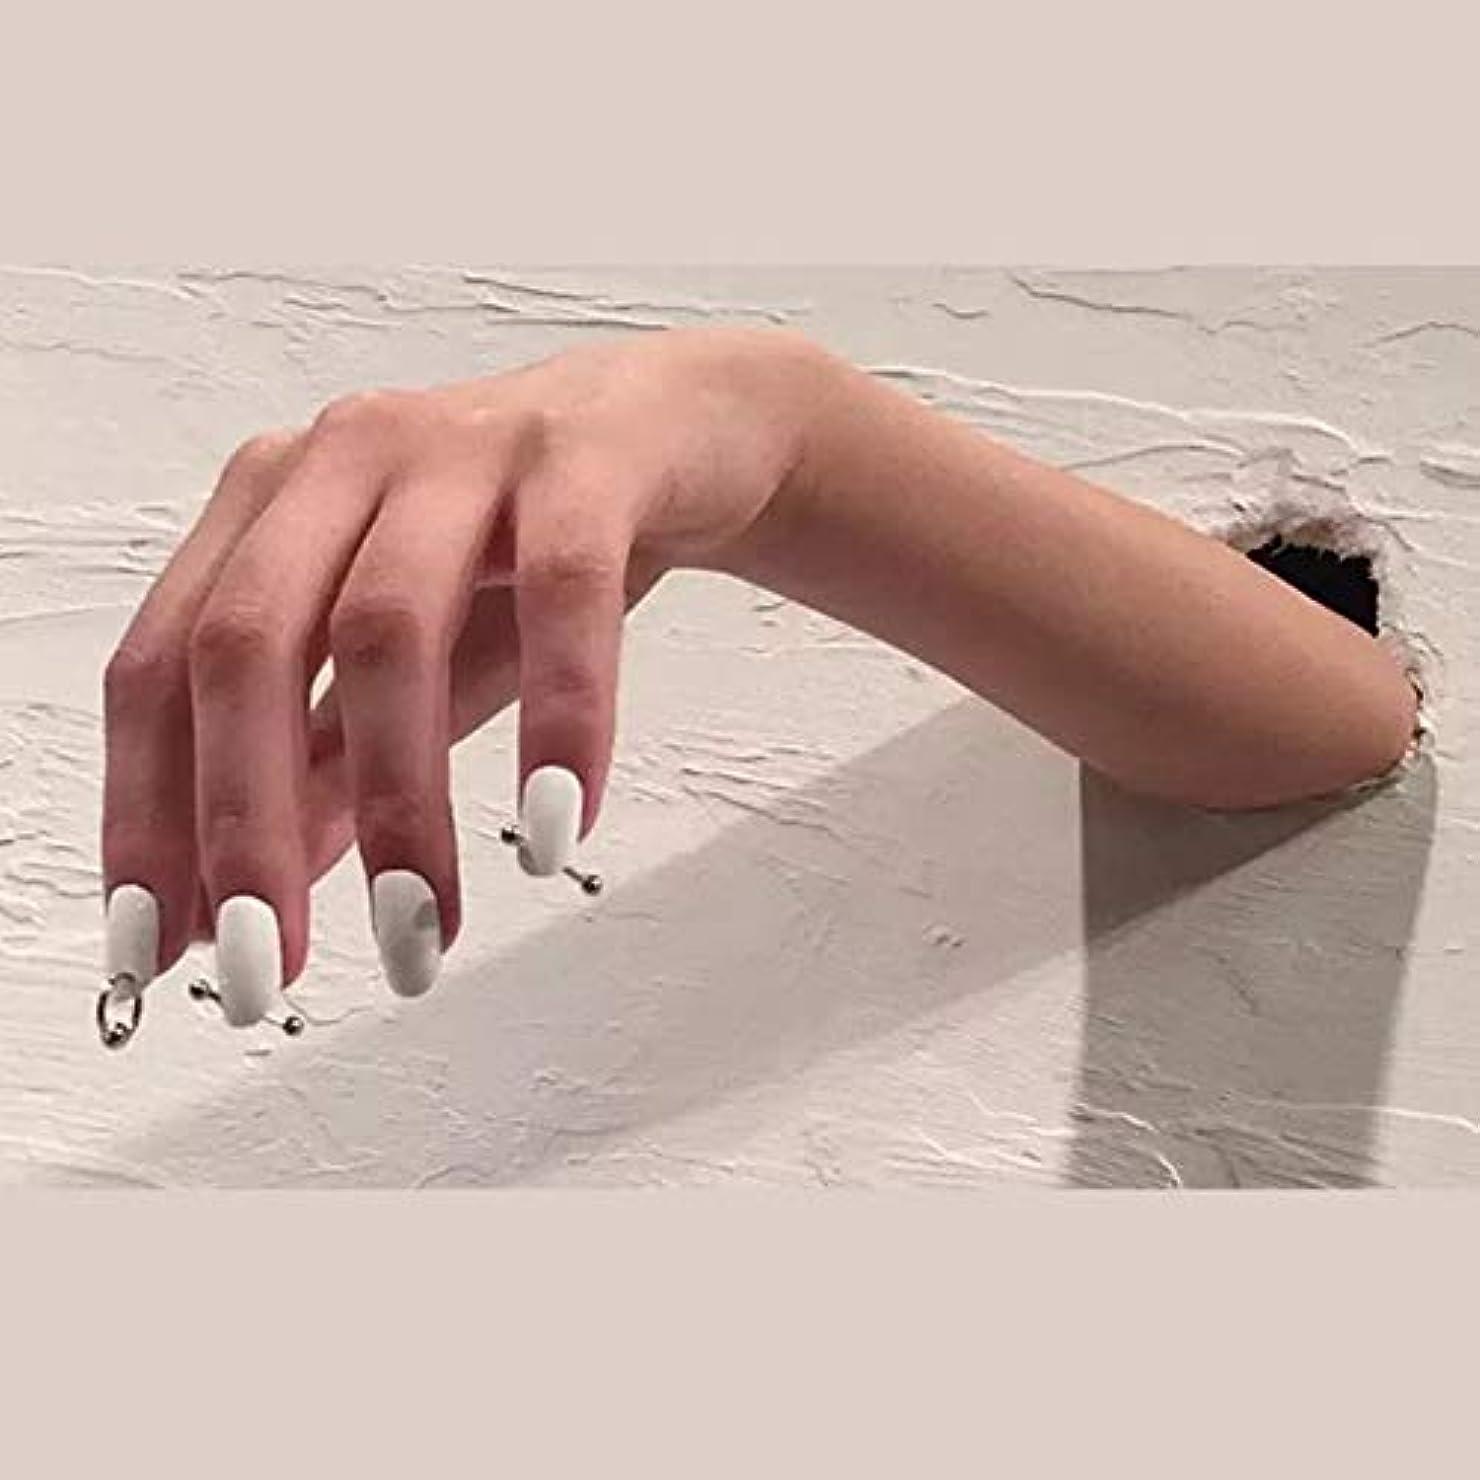 マザーランド土砂降り真似るXUTXZKA スリヴァーリング偽爪偽爪24ピース女性フルネイルチップと白の純粋な色